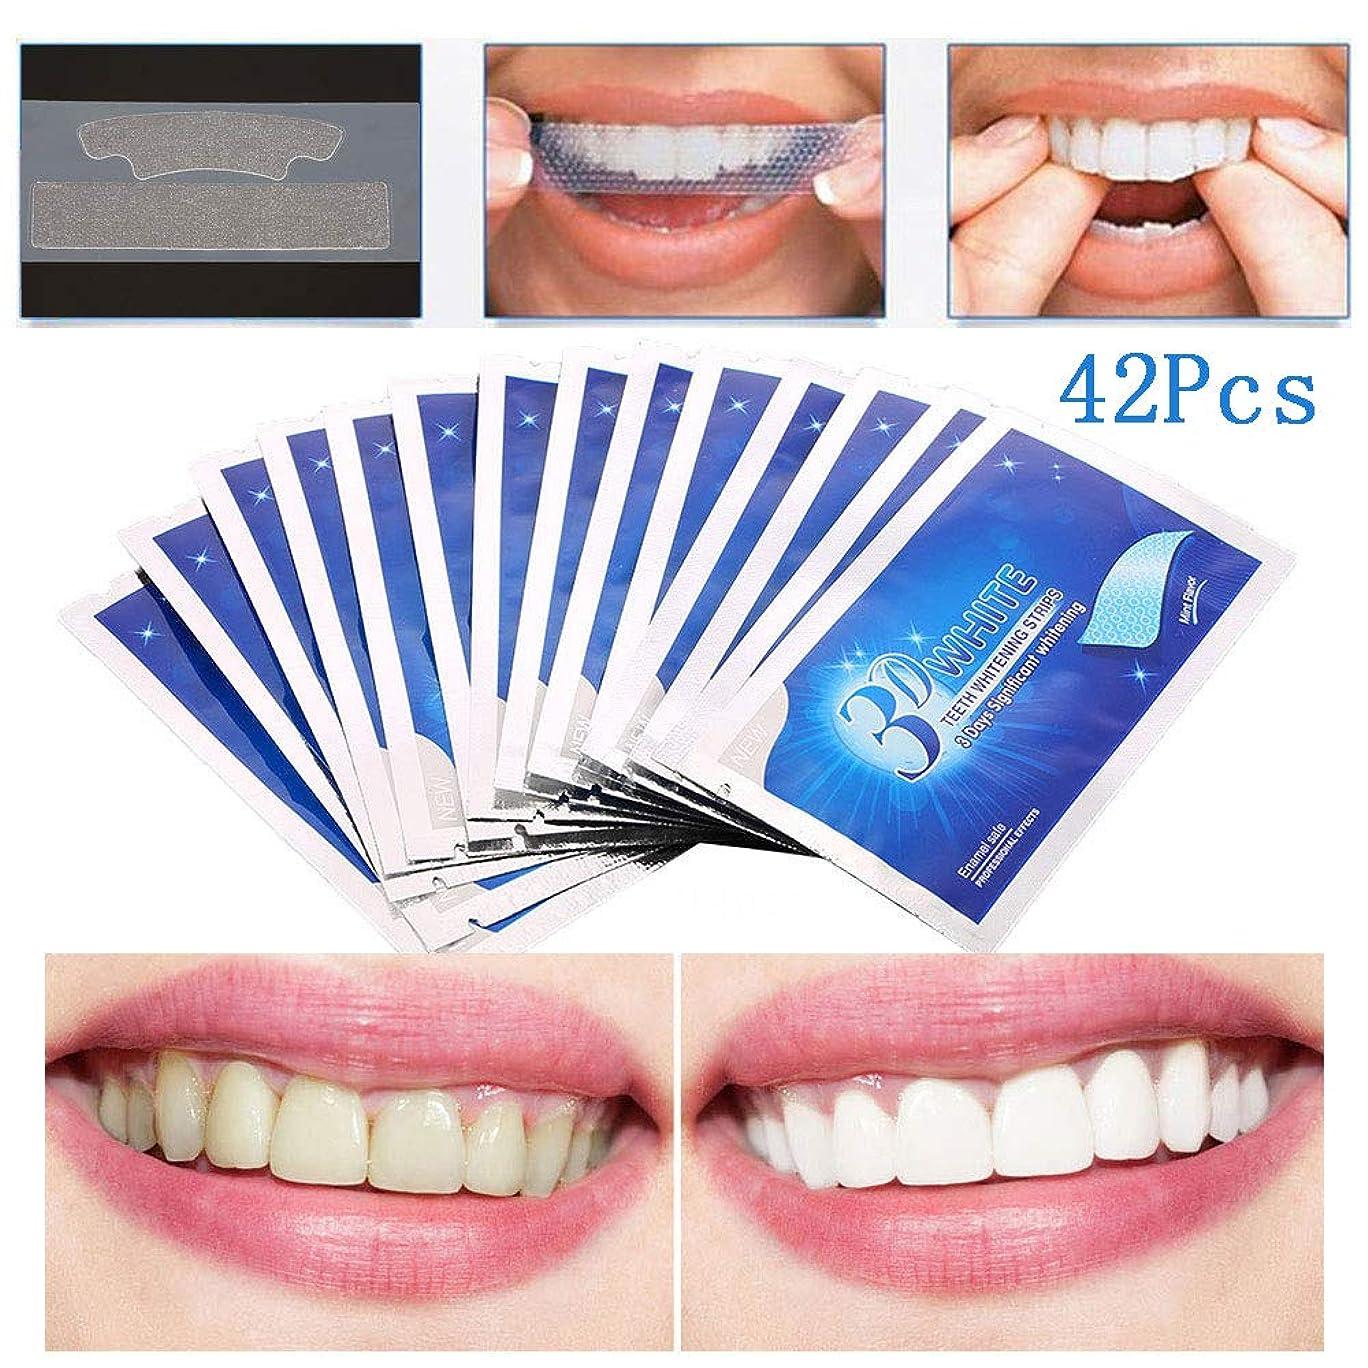 協会スムーズにあざストリップを白くする歯、歯科心配用キット、ゲルの漂白システムクリーニングの歯を白くする伸縮性がある高度な歯14 x 3 PC